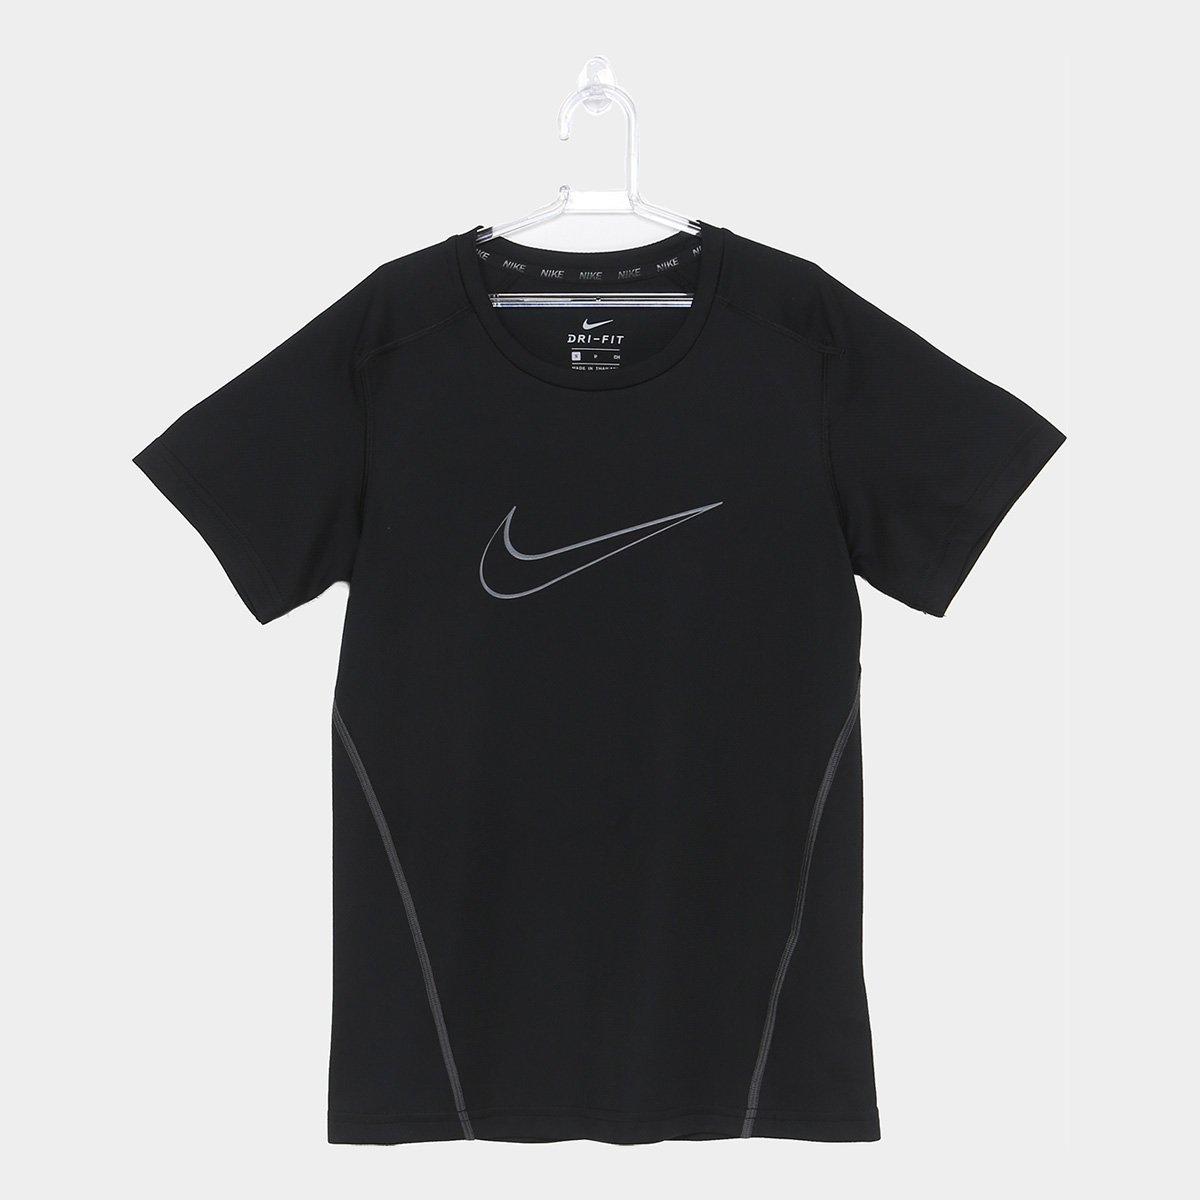 Camiseta Infantil Nike B Dri Fit Masculina - Preto e Cinza - Compre ... 8e980256253b0